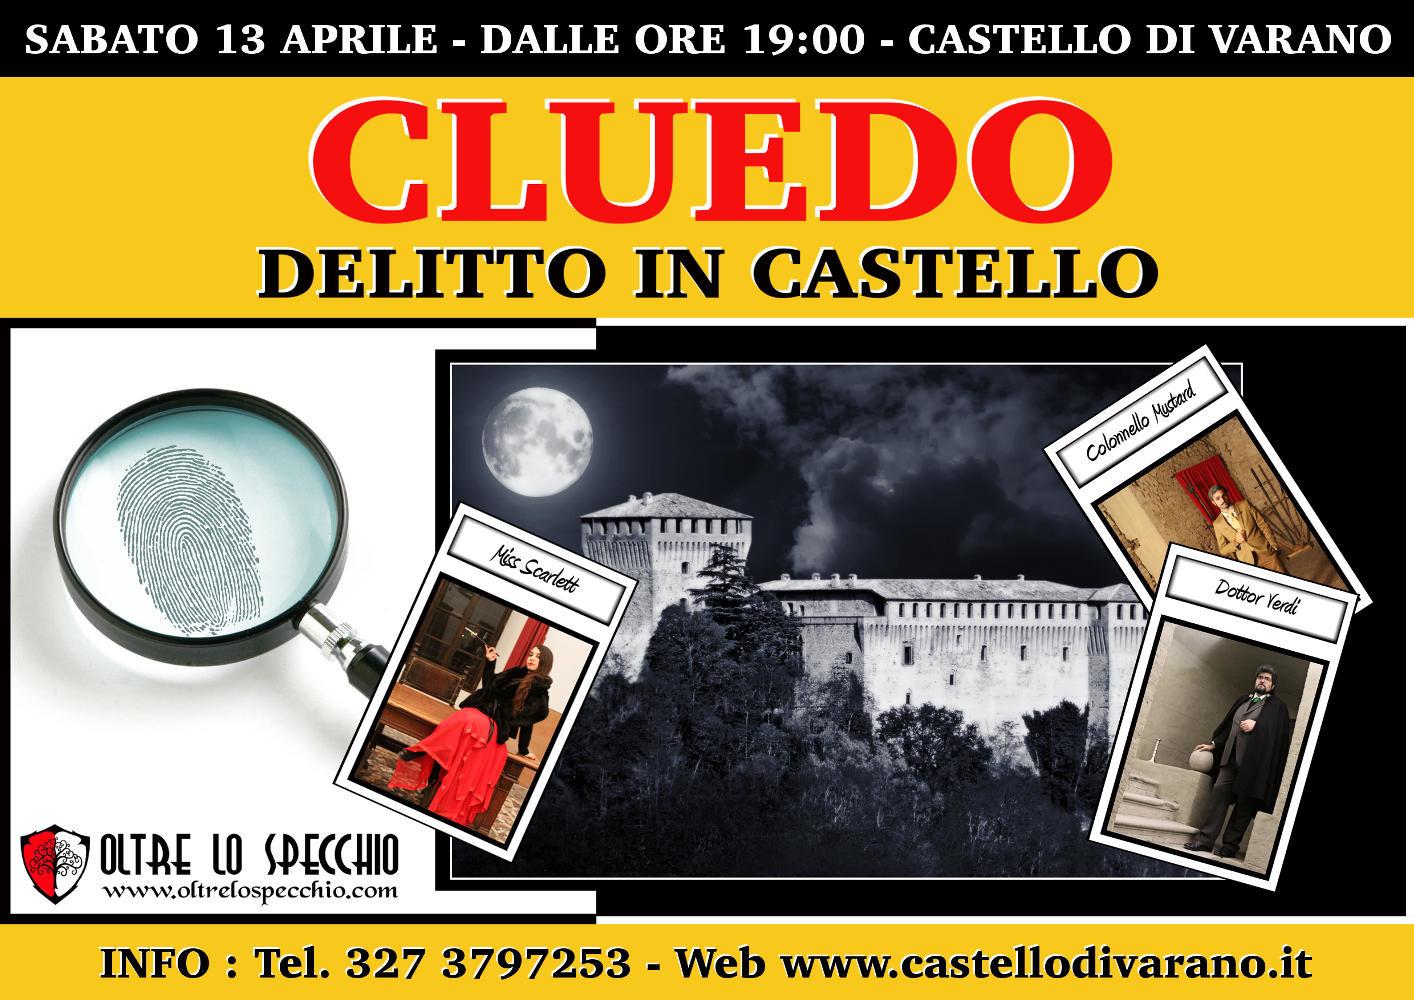 CLUEDO - DELITTO IN CASTELLO a Varano